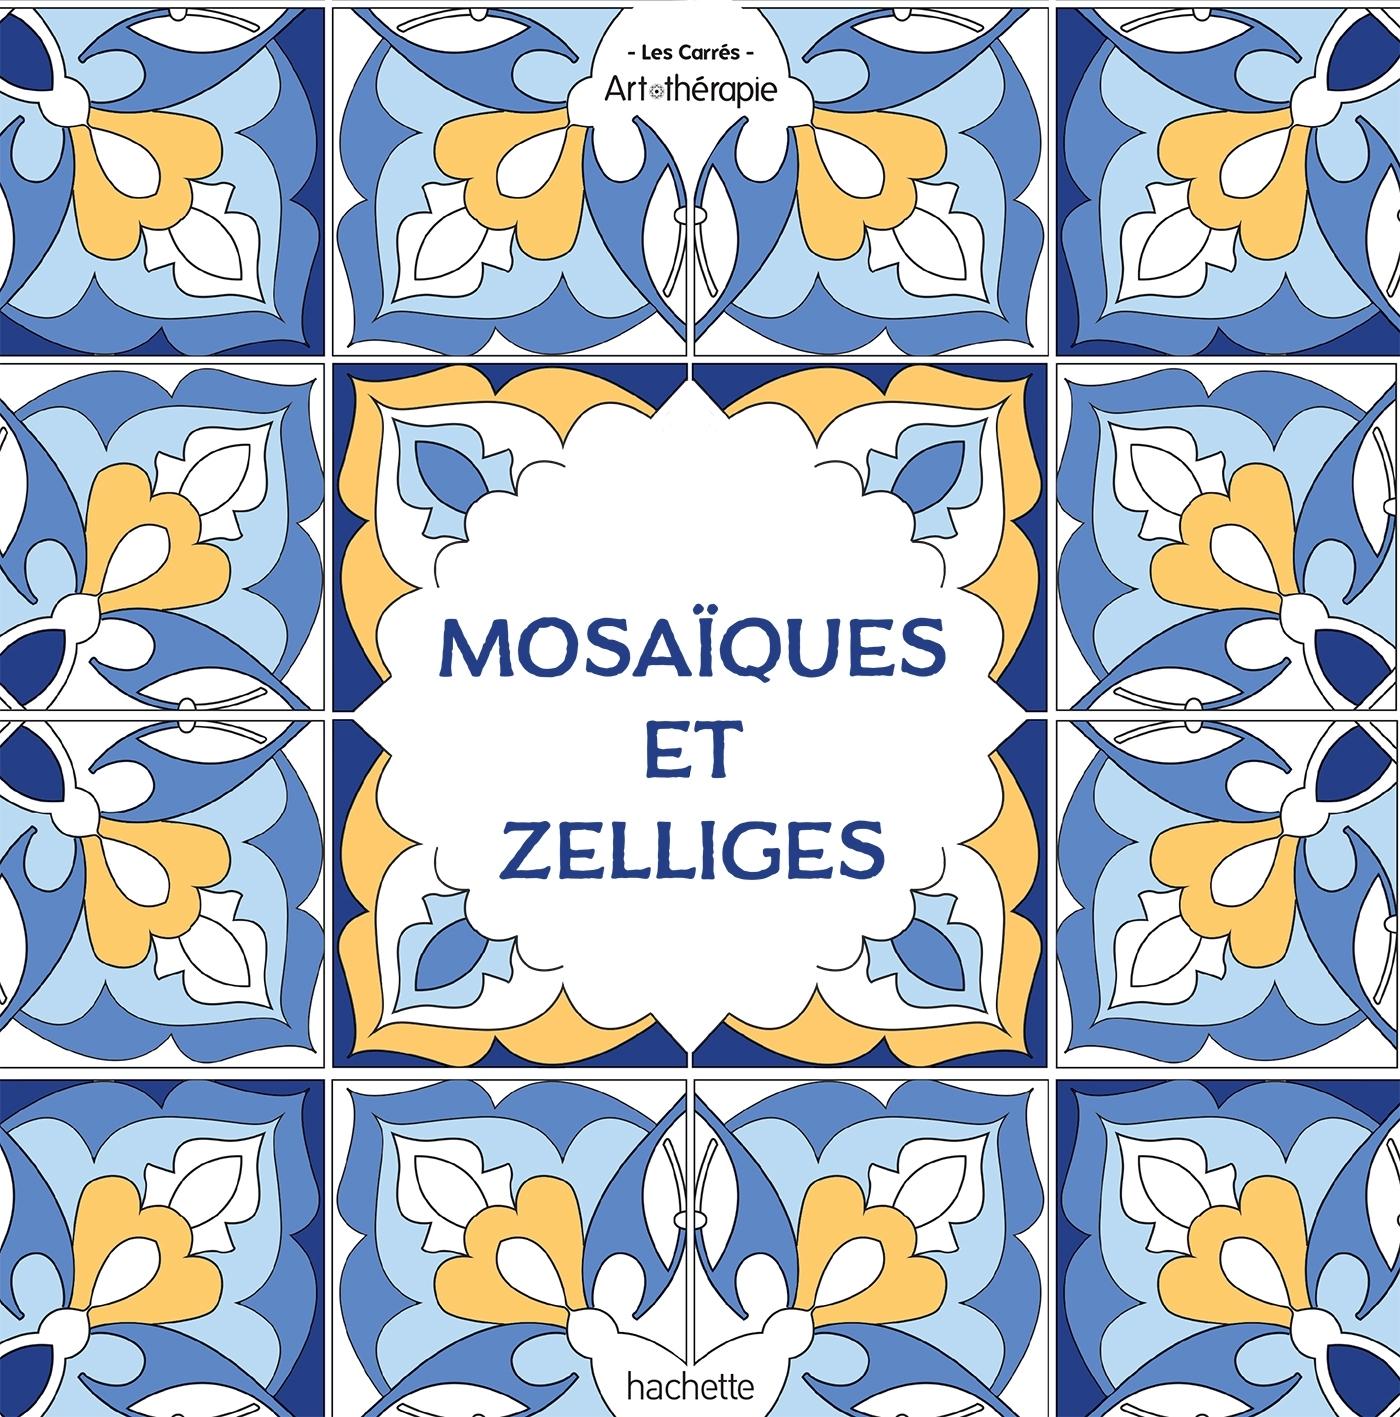 ZELLIGES & MOSAIQUES